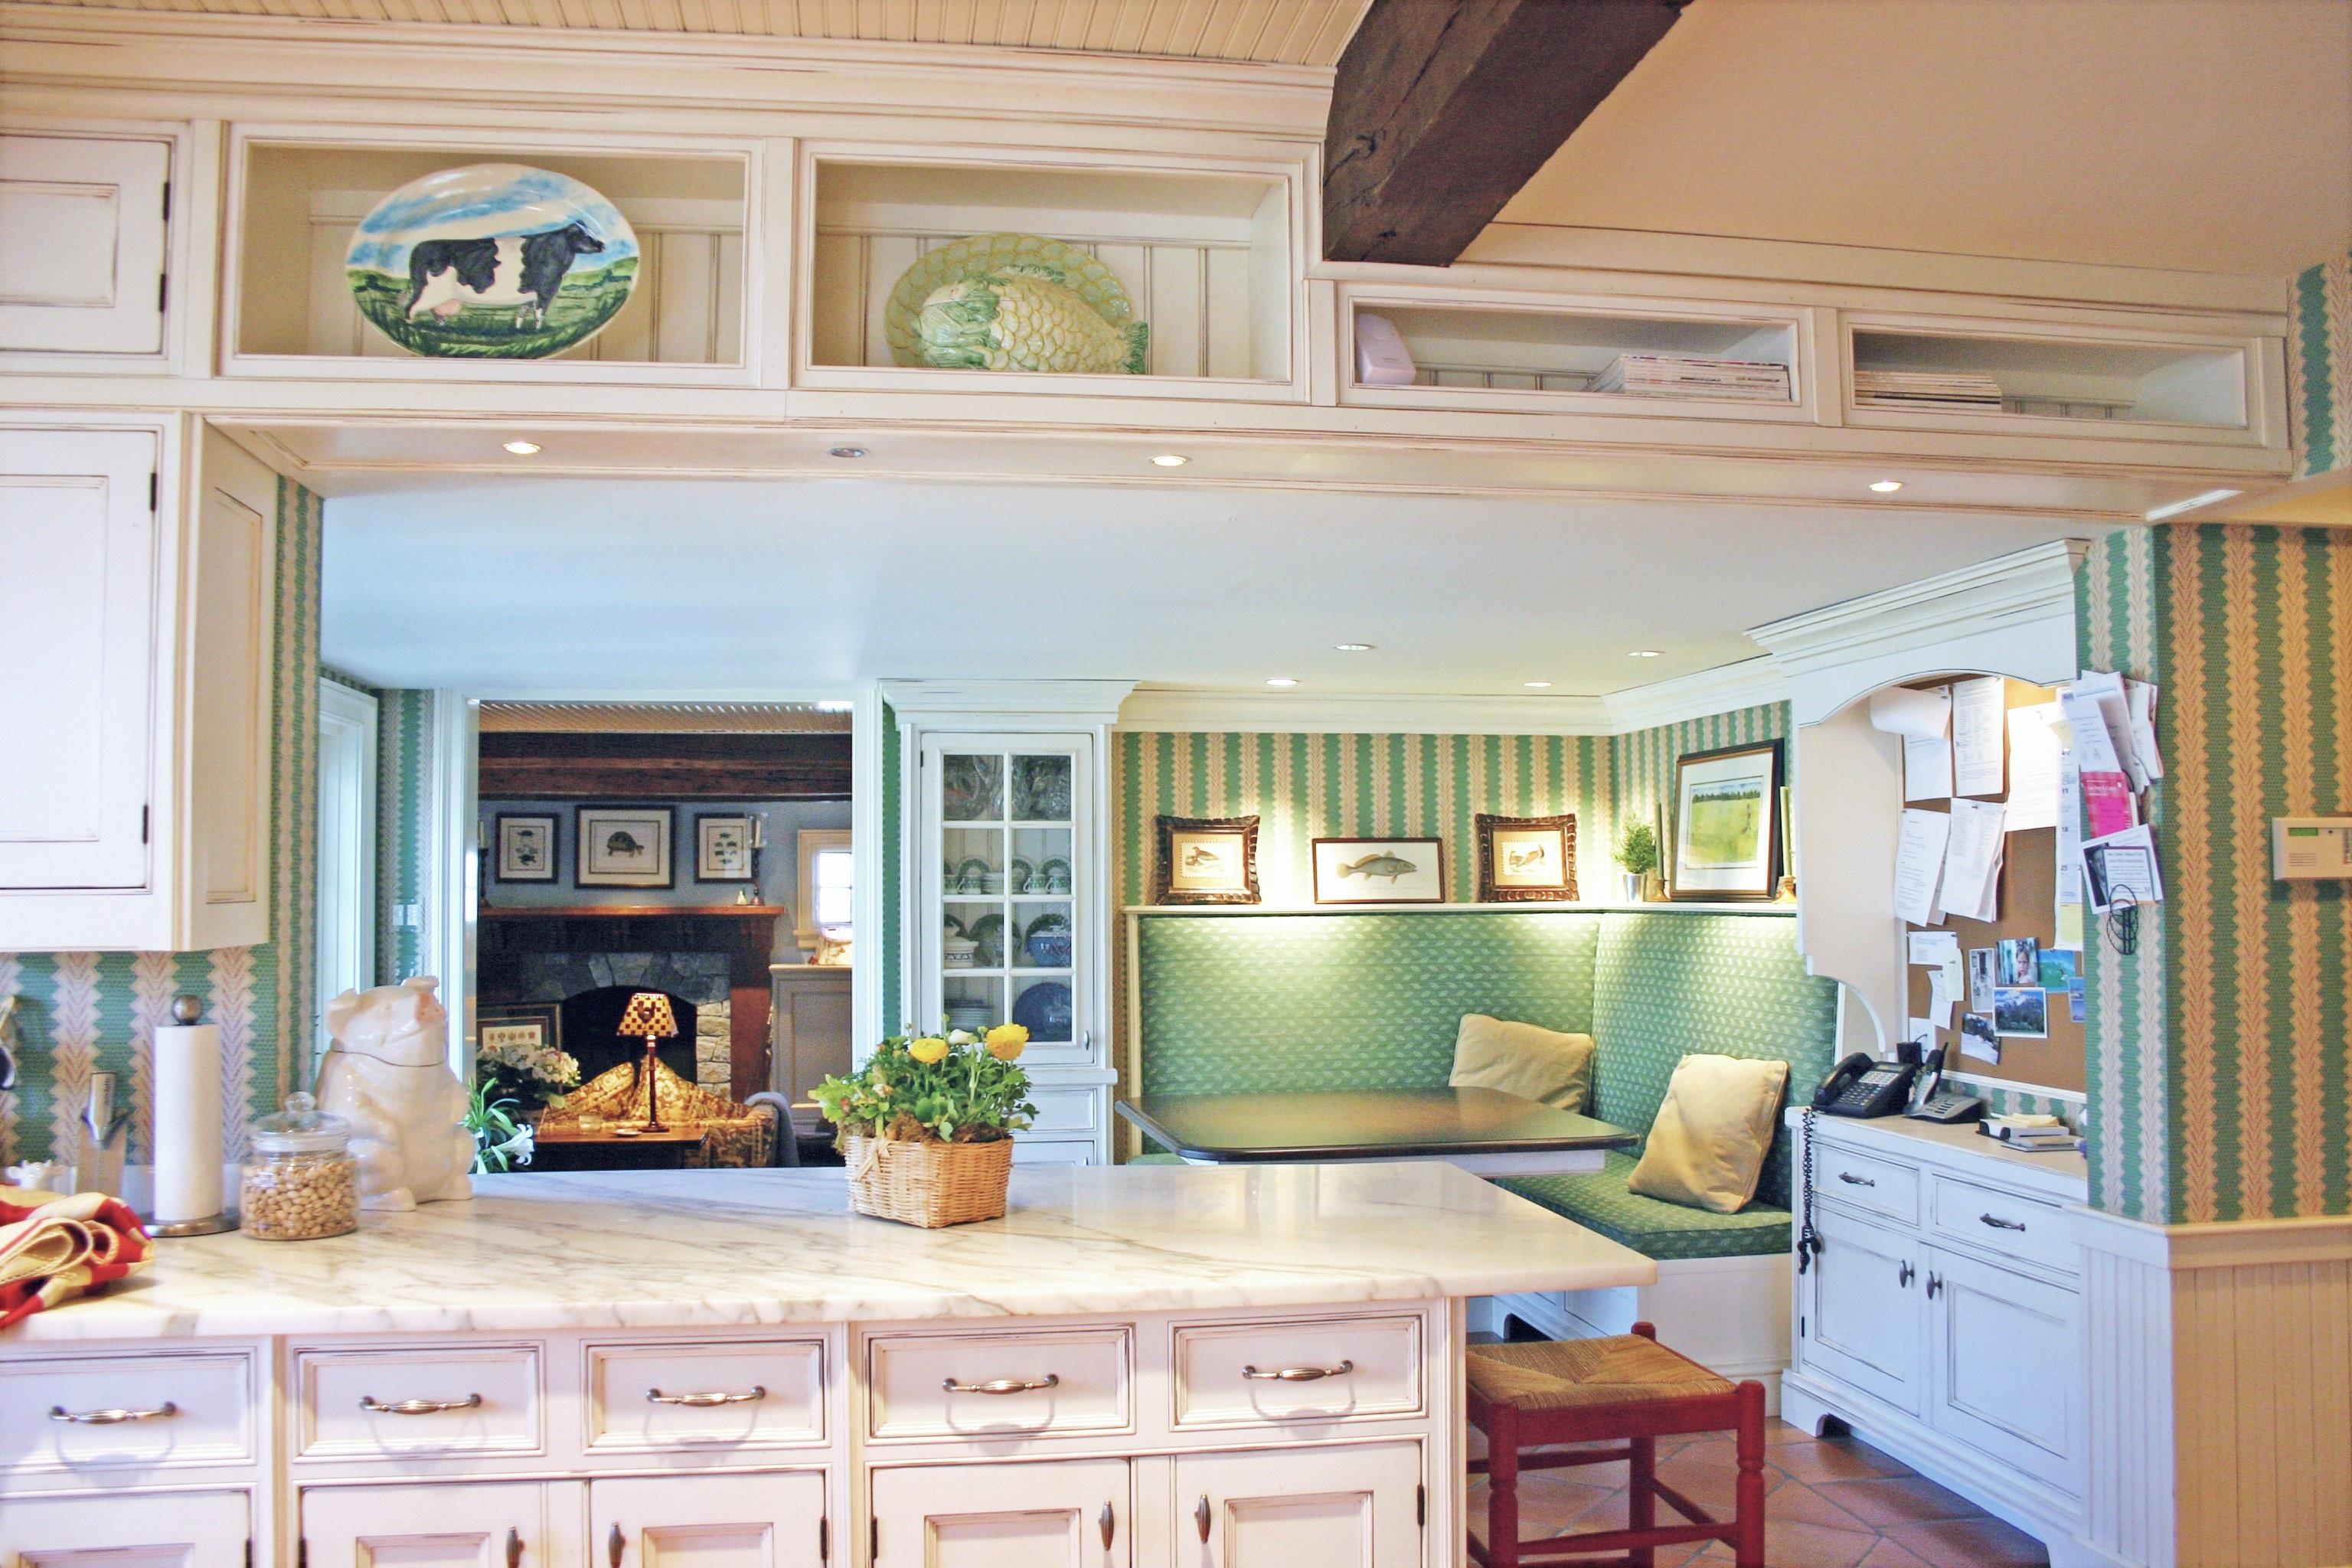 Journal Kitchen Designer Greenwich Ct Palm Beach Fl